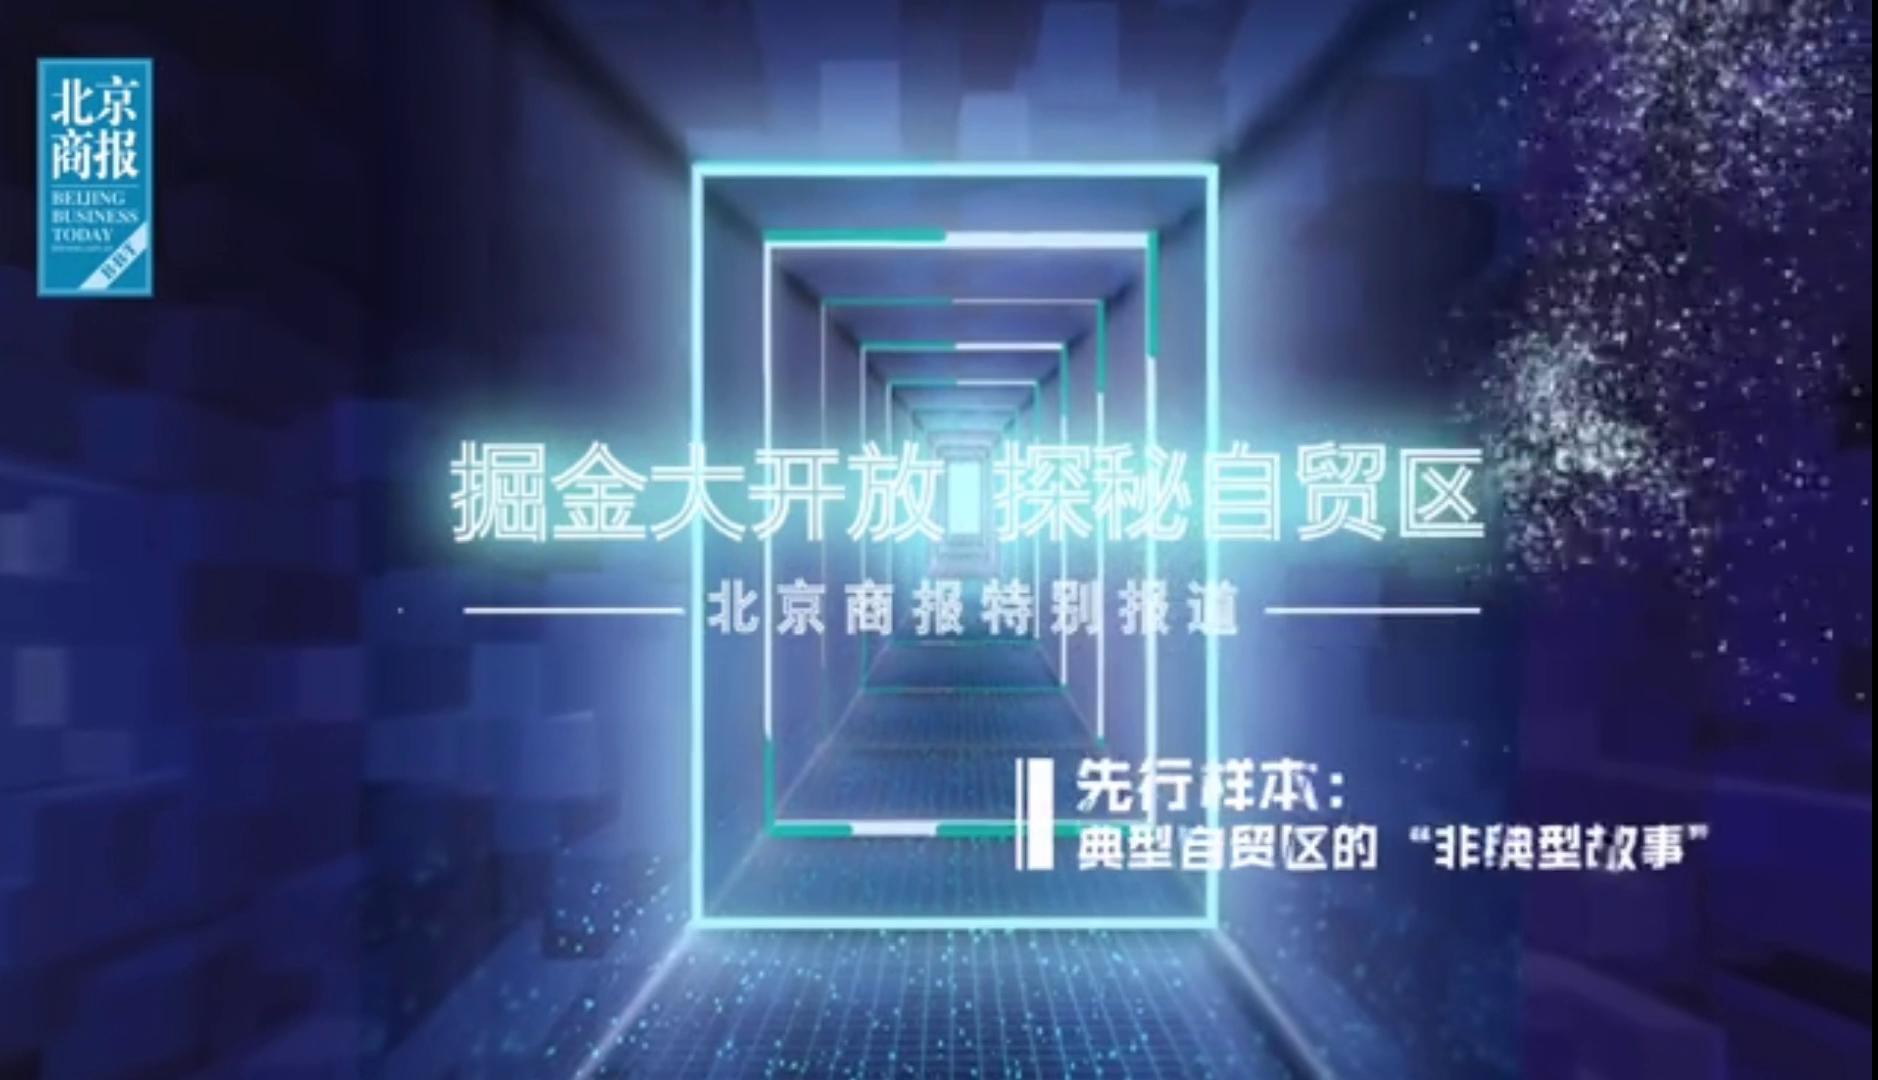 """上海自贸区成功的秘密?""""金牌店小二""""告诉你"""